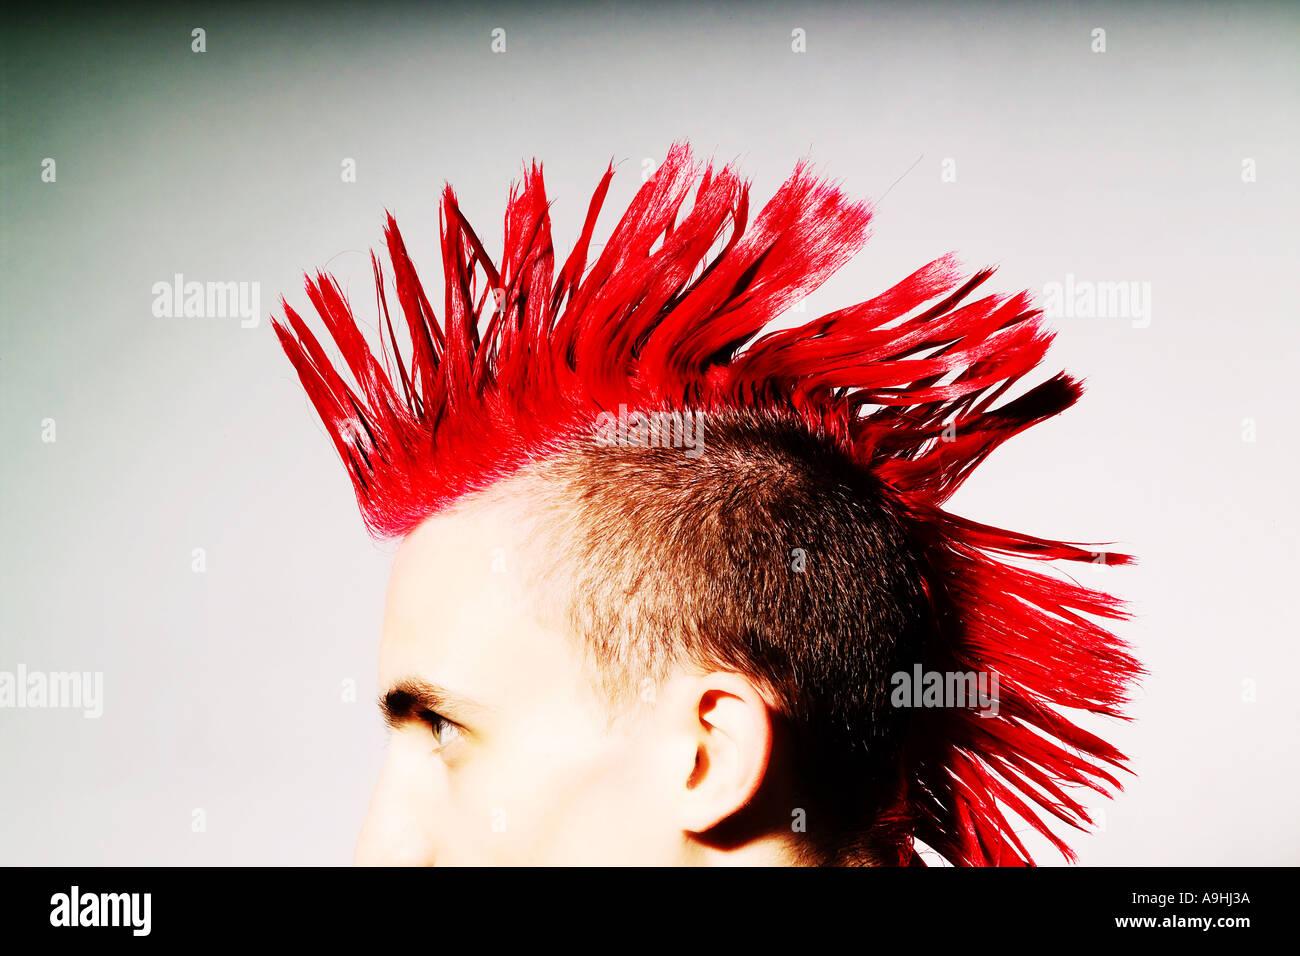 Seitenansicht des Punk-Rocker mit roten Irokesenschnitt Stockfoto